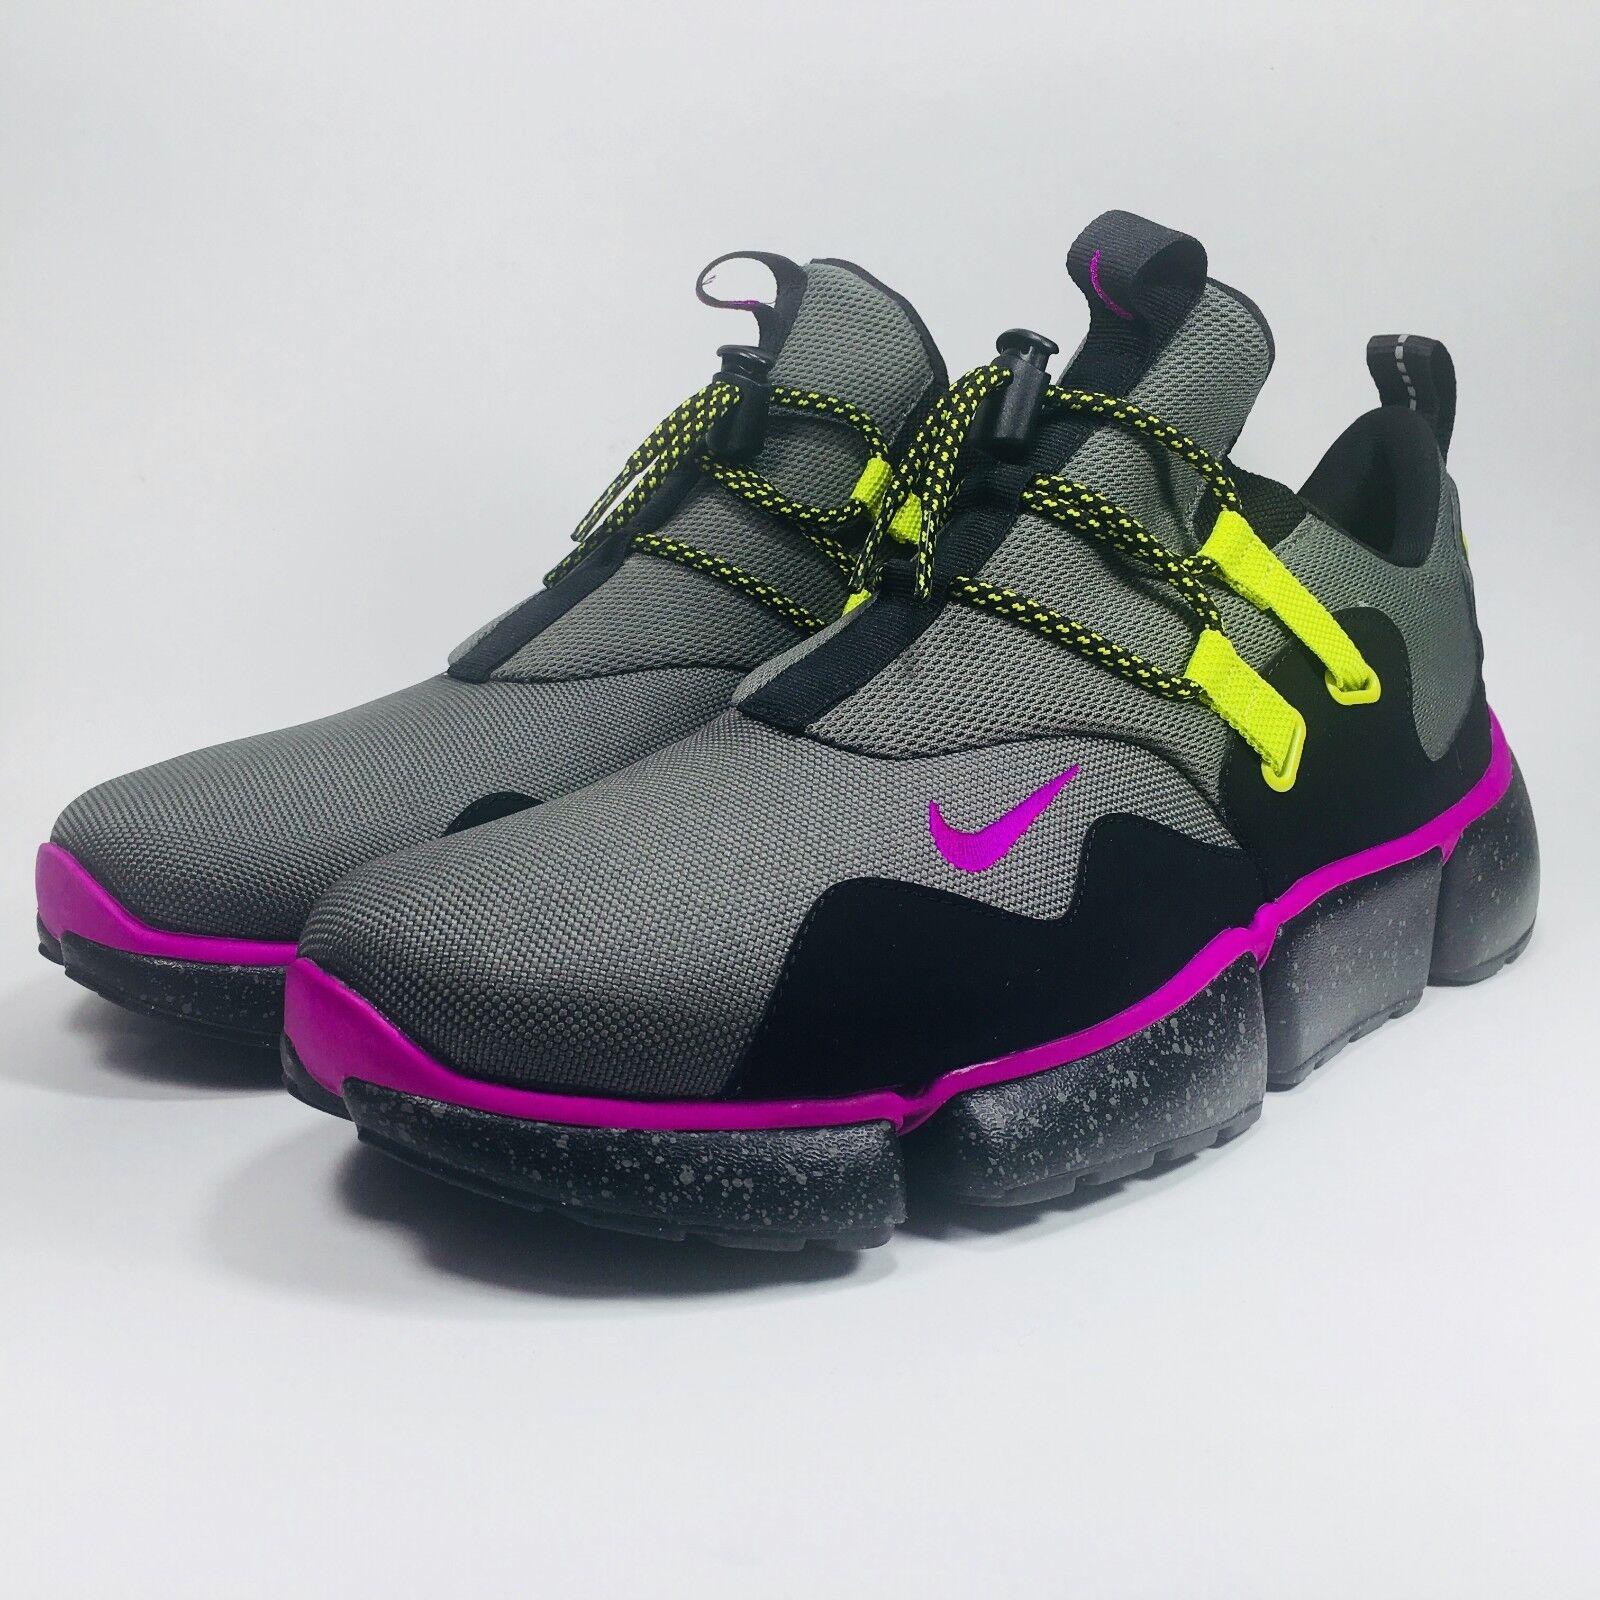 Nike coltellino dm nero su river rock biolet nero dm 47 ah9709-001 59507e